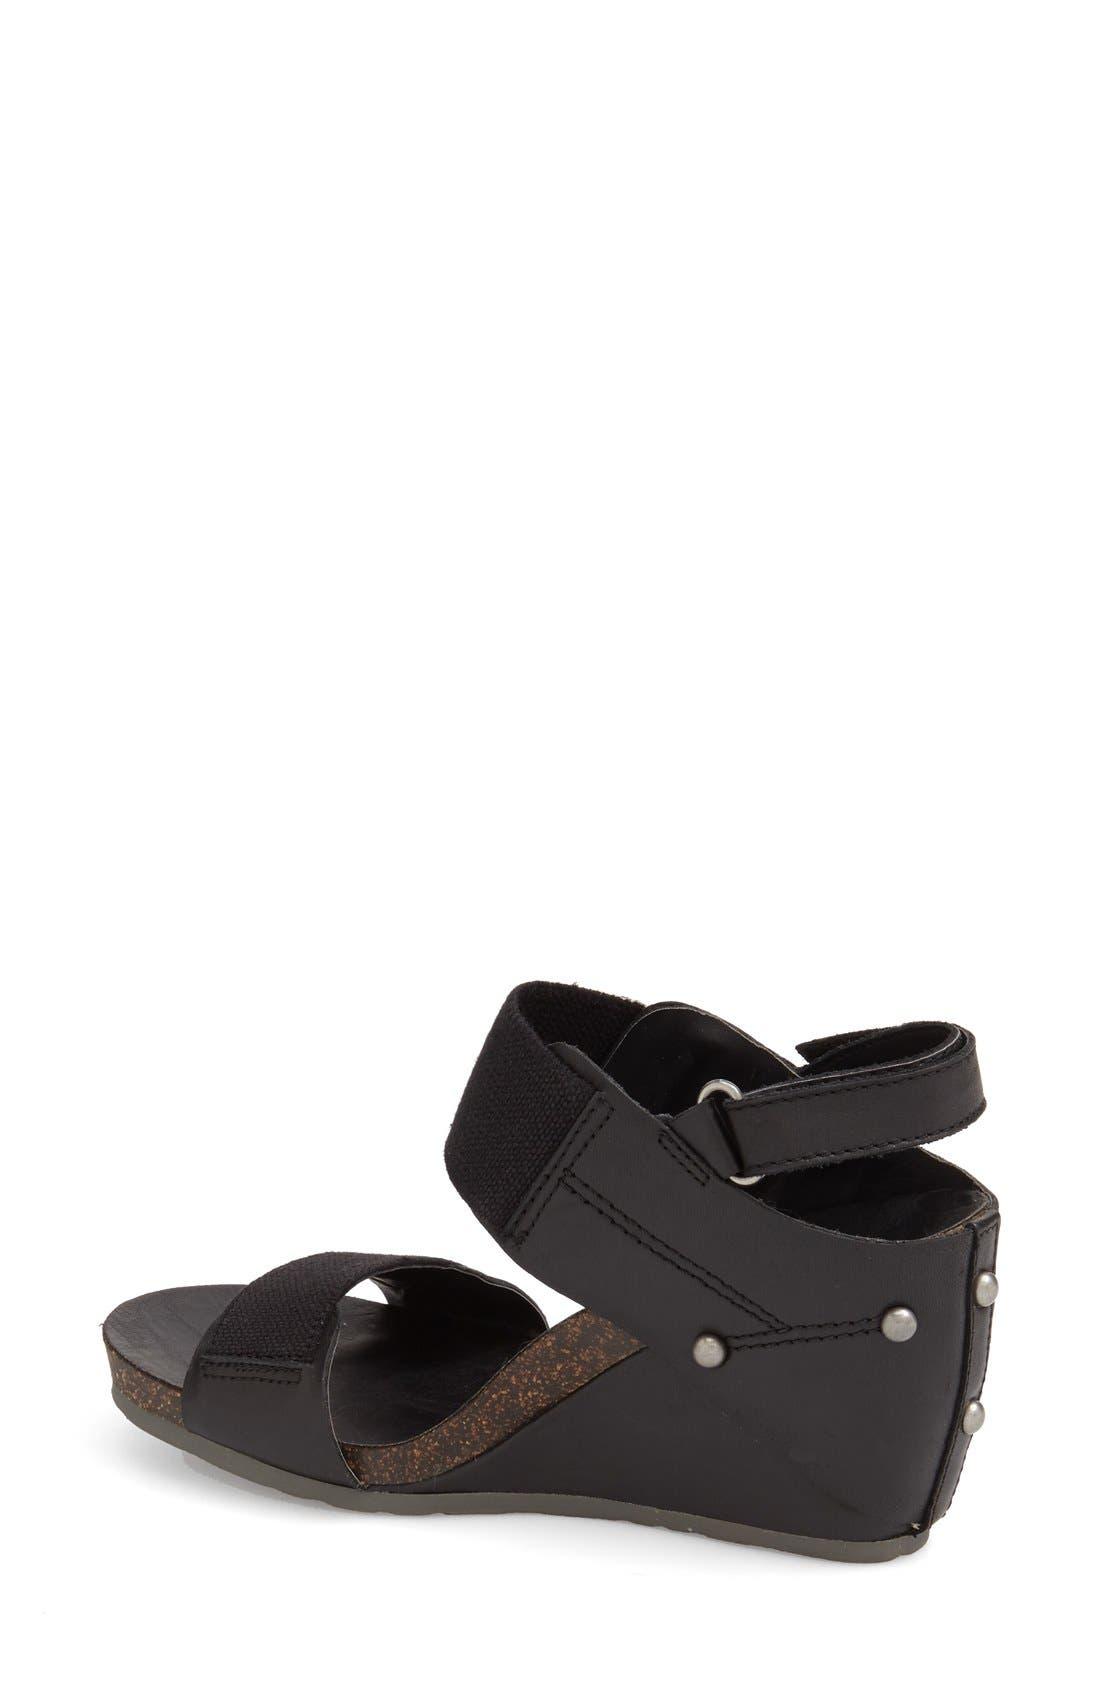 Alternate Image 2  - OTBT 'Trailblazer' Wedge Sandal (Women)